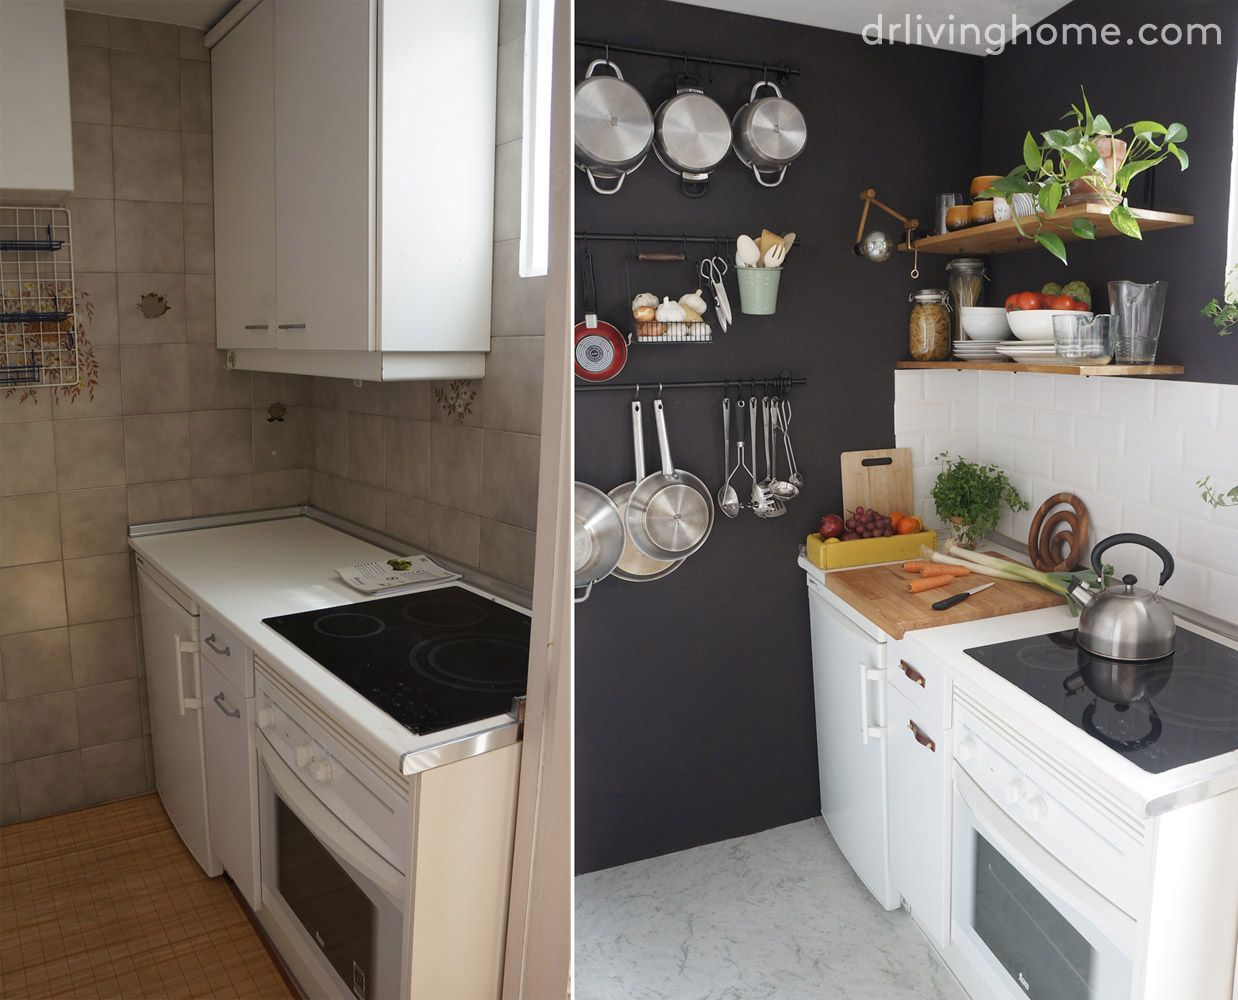 C Mo Ordenar Una Cocina Peque A Para Aprovechar El Espacio  ~ Paneles Para Cubrir Azulejos Cocina